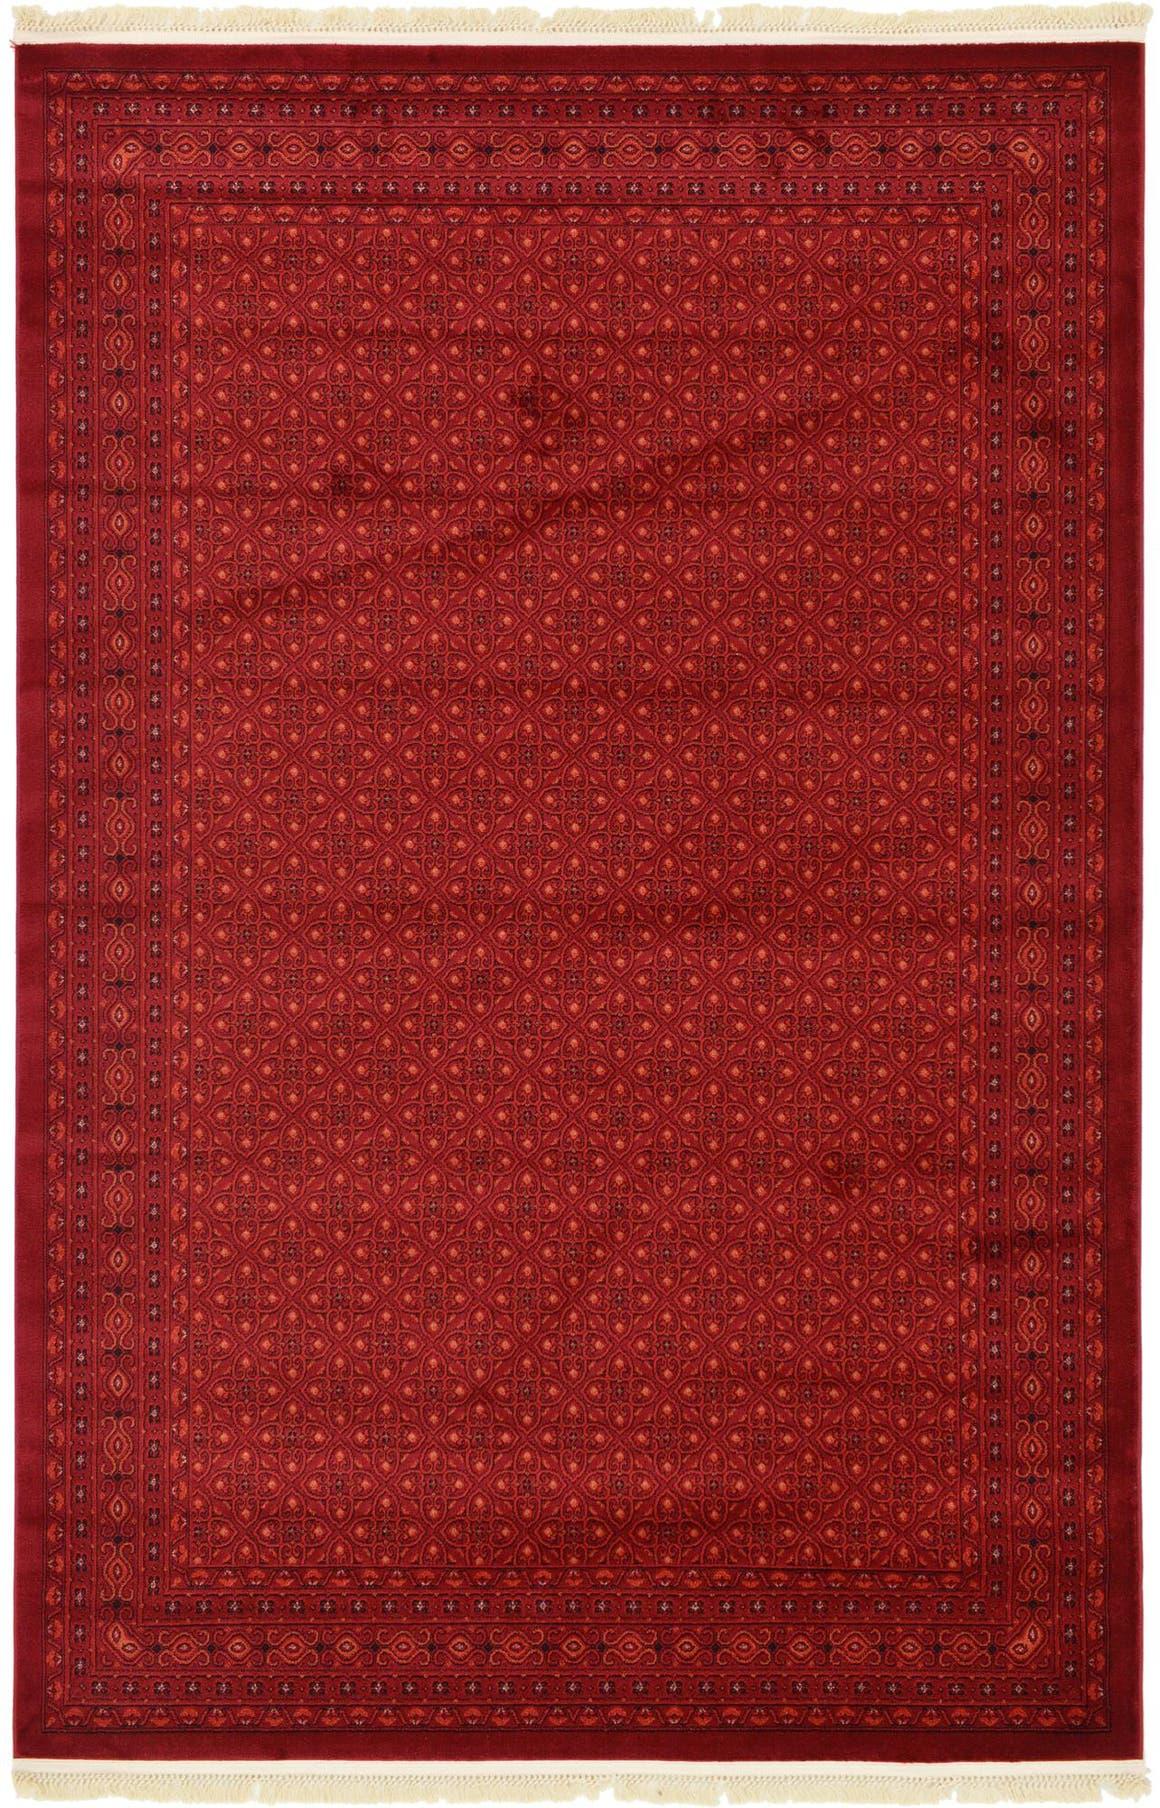 6' x 9' Bokhara Rug main image